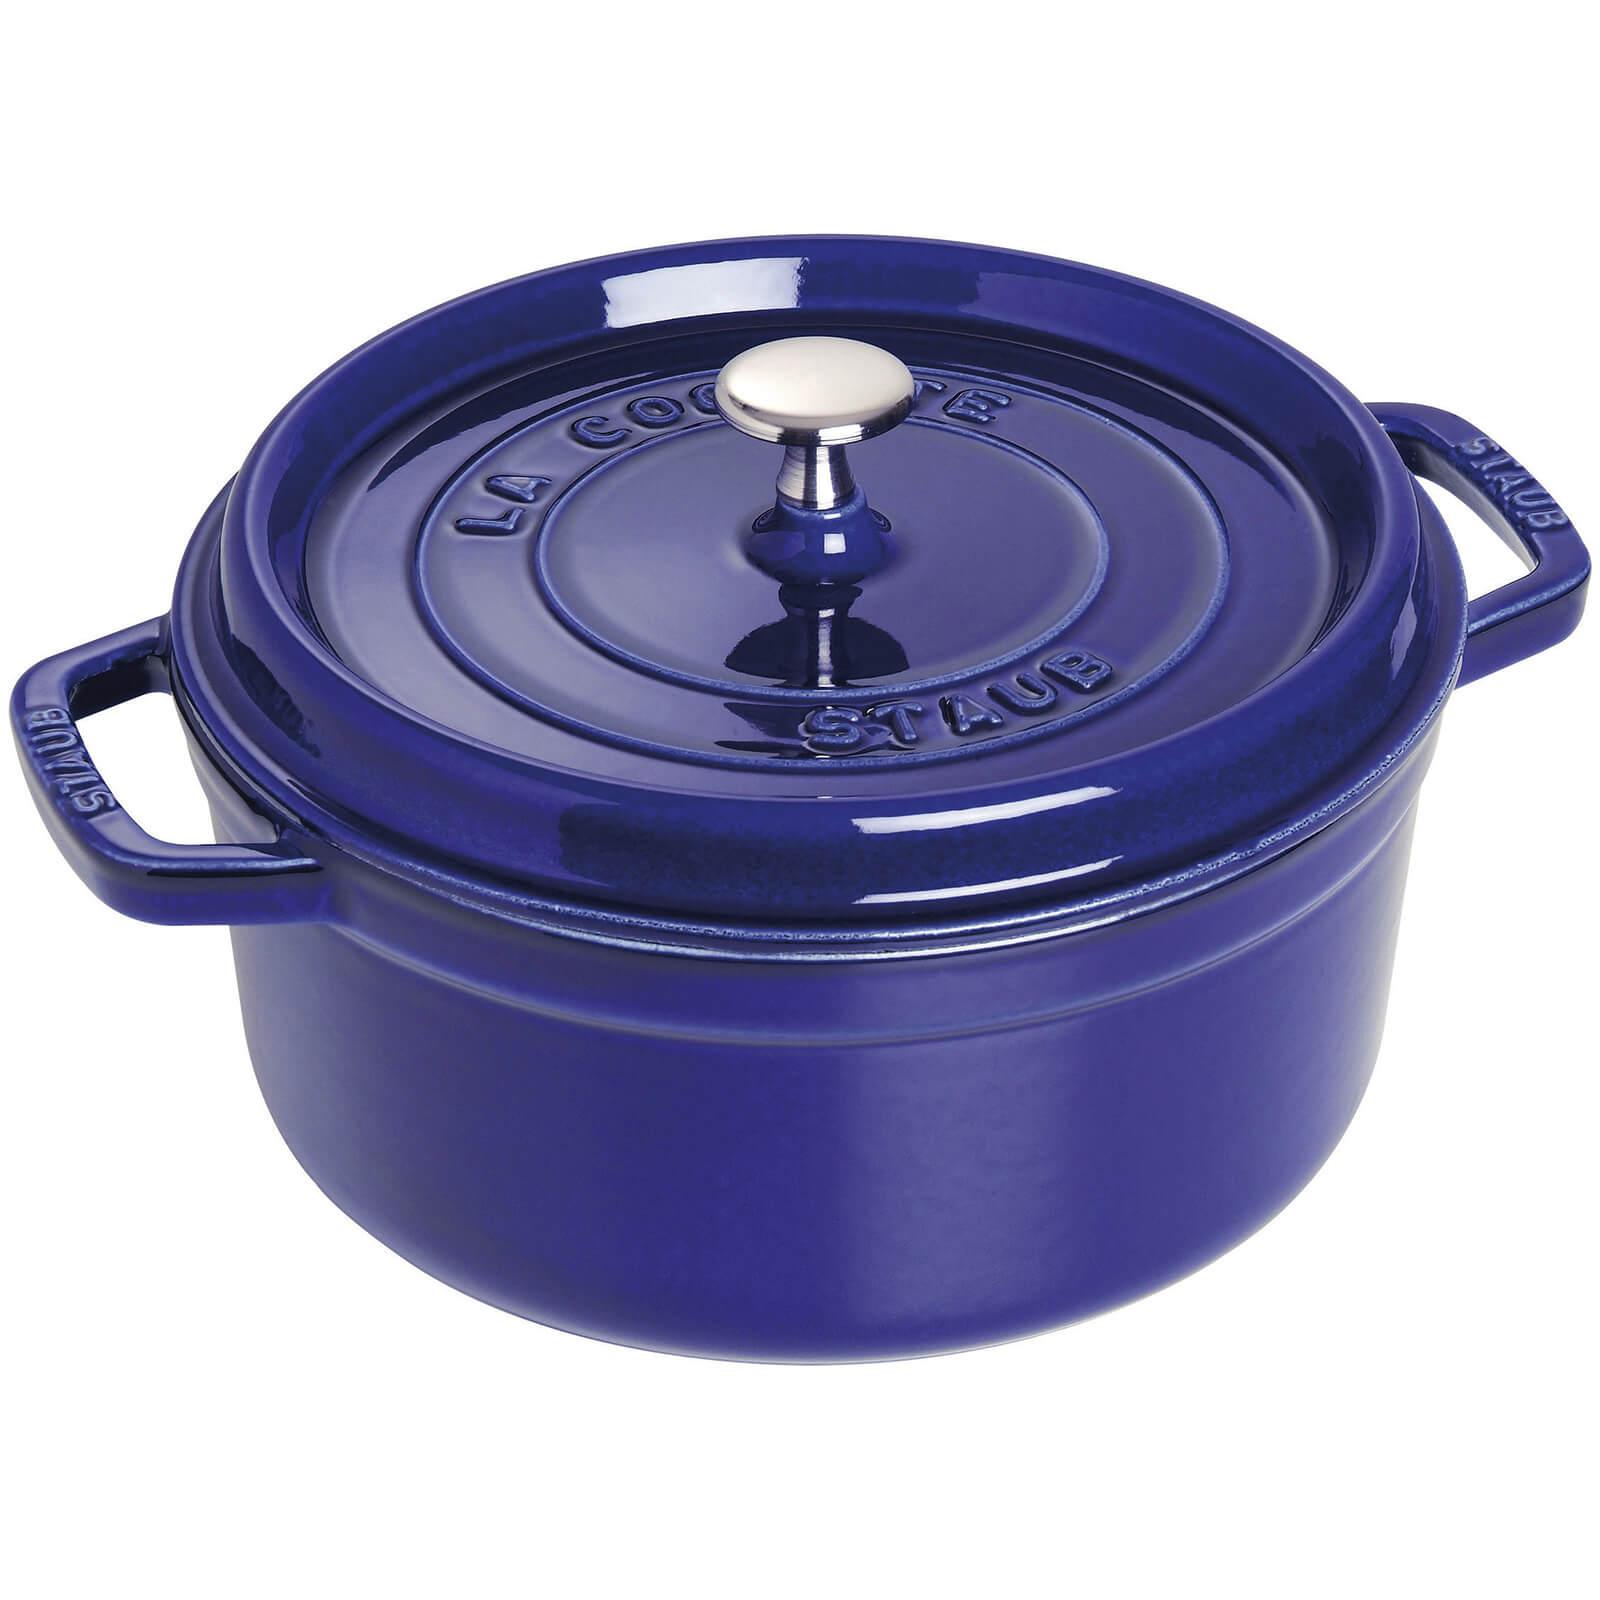 Staub Round Cocotte - Dark Blue - 24cm